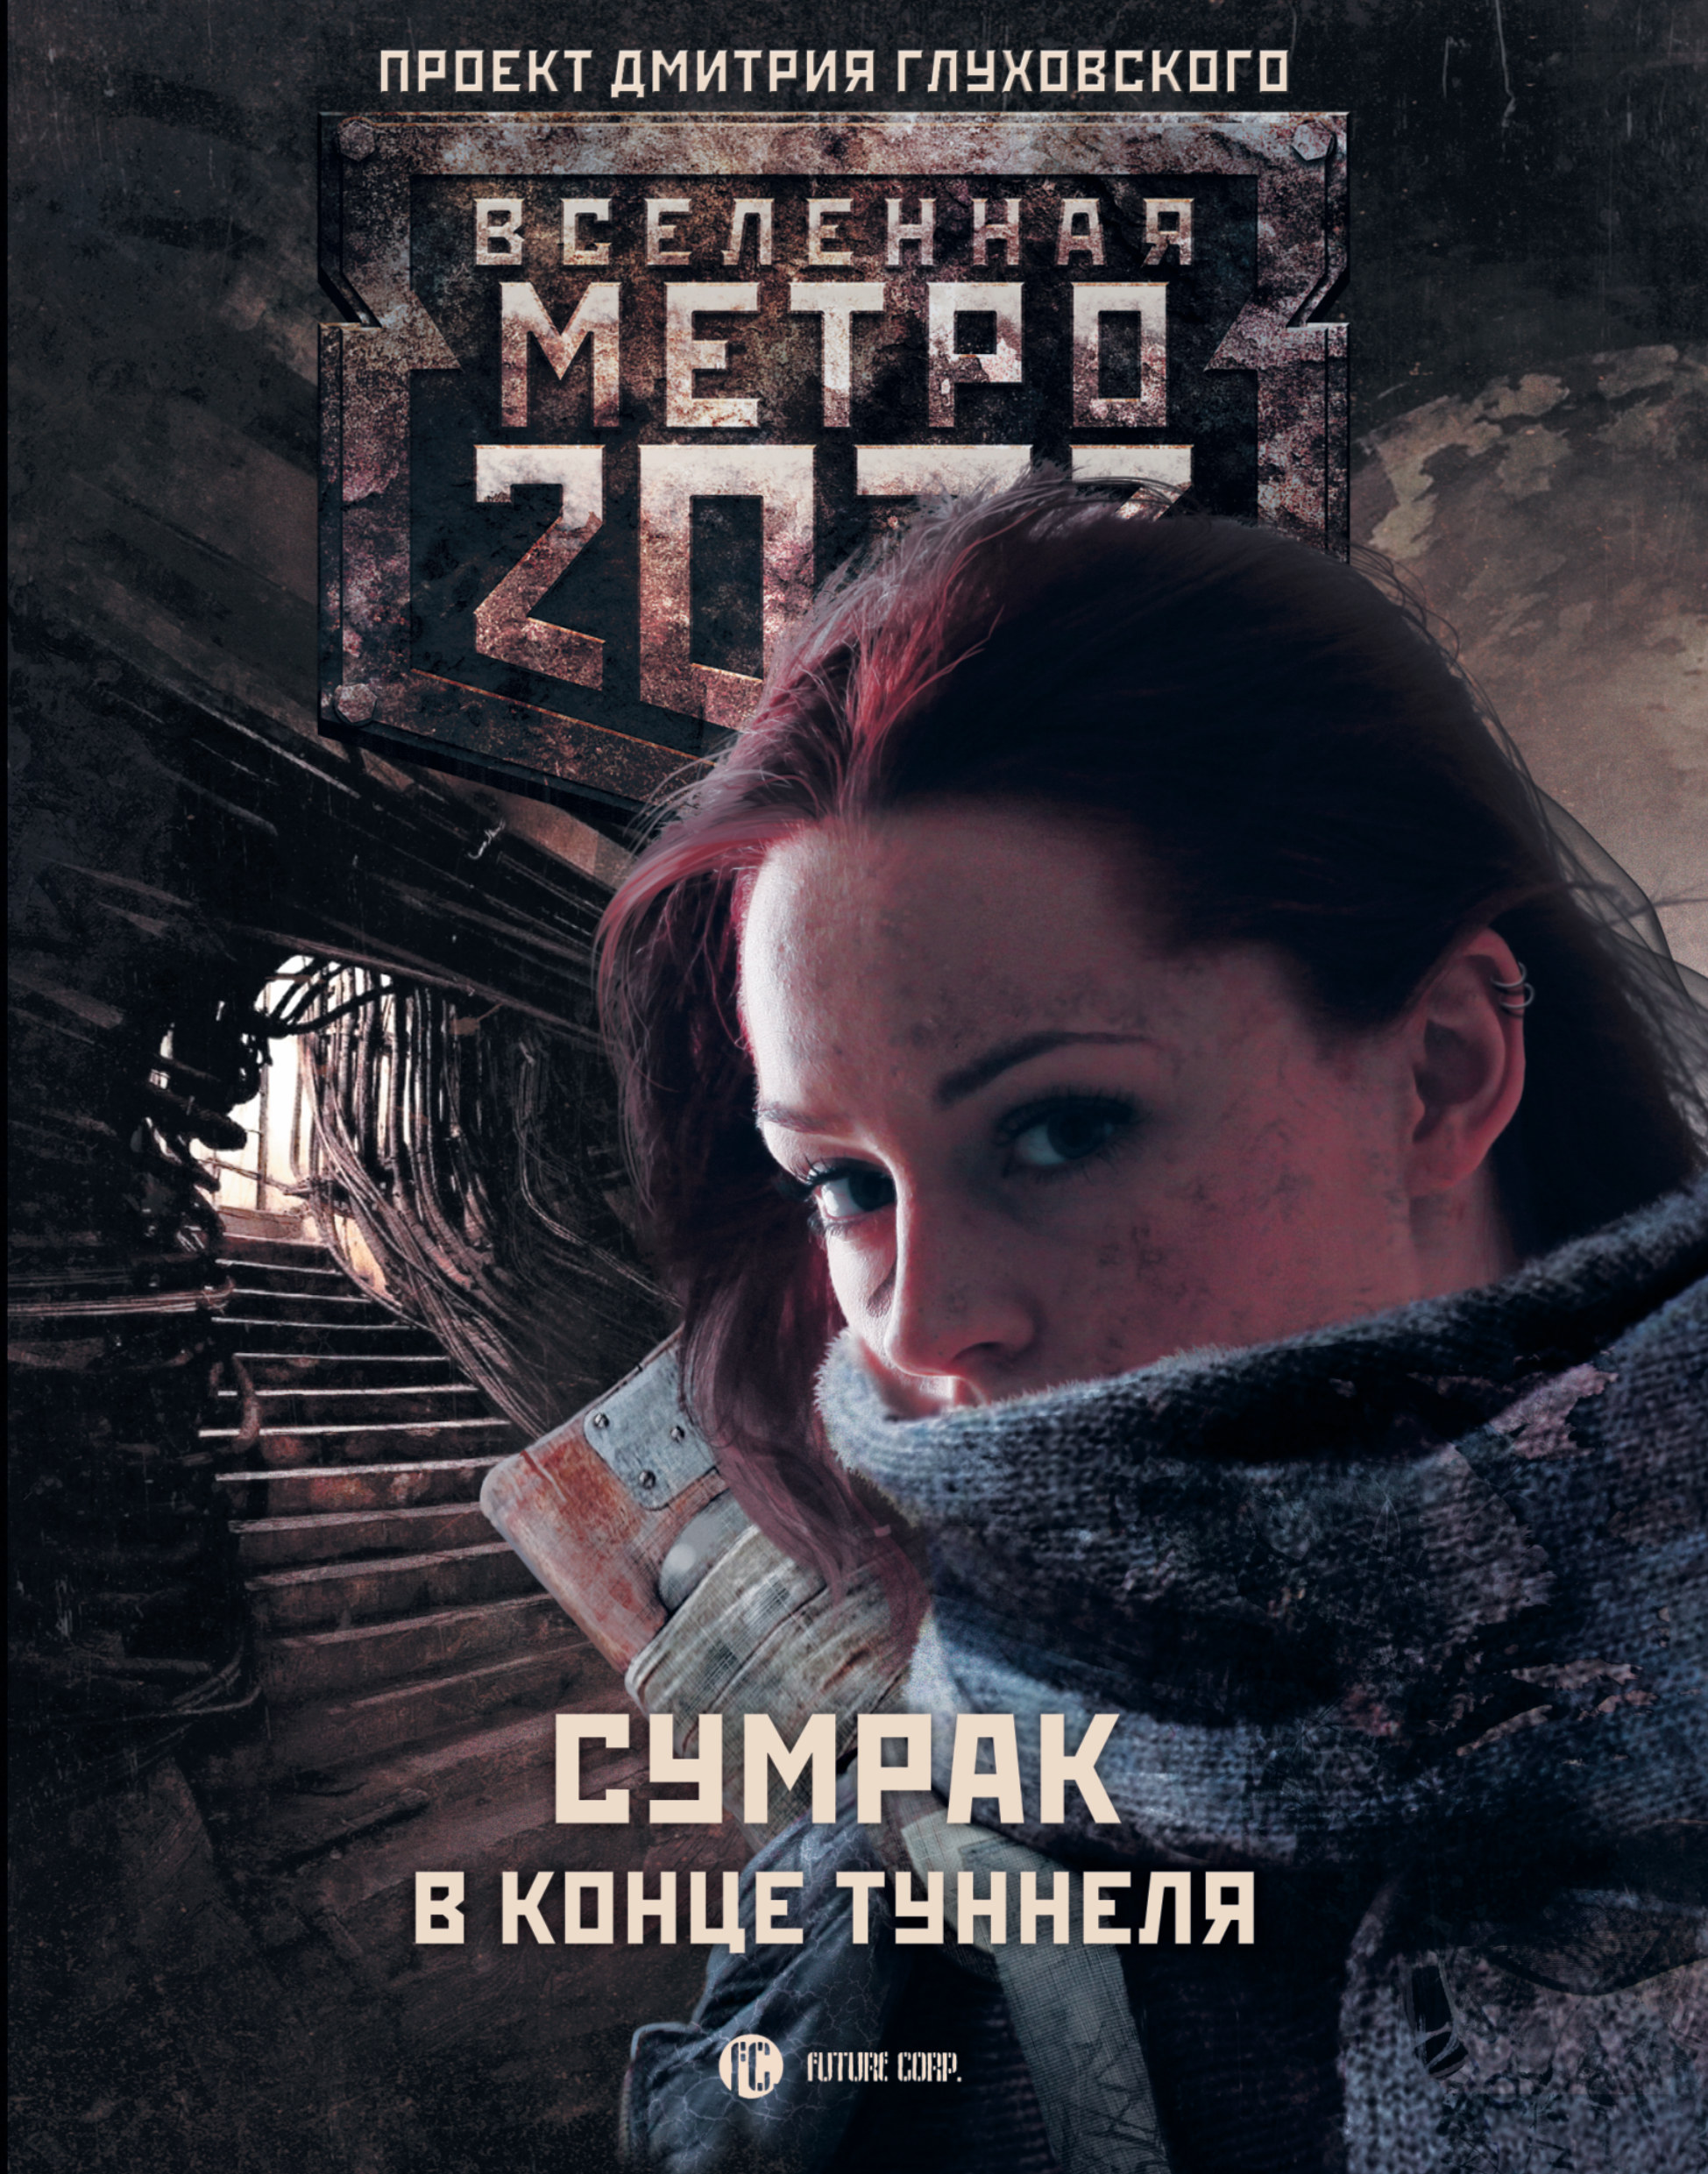 Гребенщиков А.А., Бакулин В.А. Метро 2033: Сумрак в конце туннеля что просят в 7 роддом нижнего новгорода